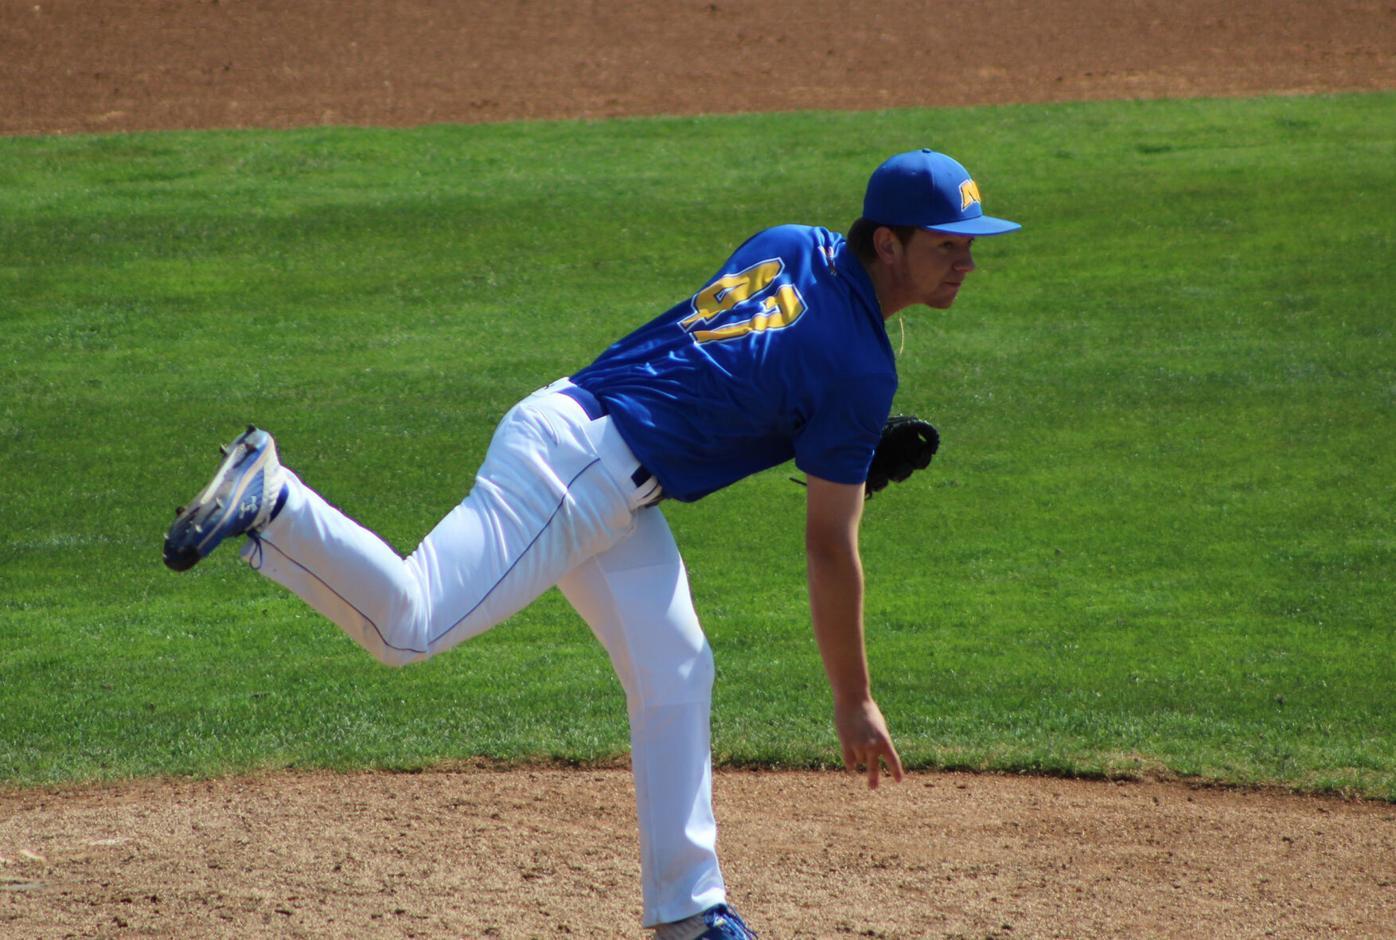 Zack Smith